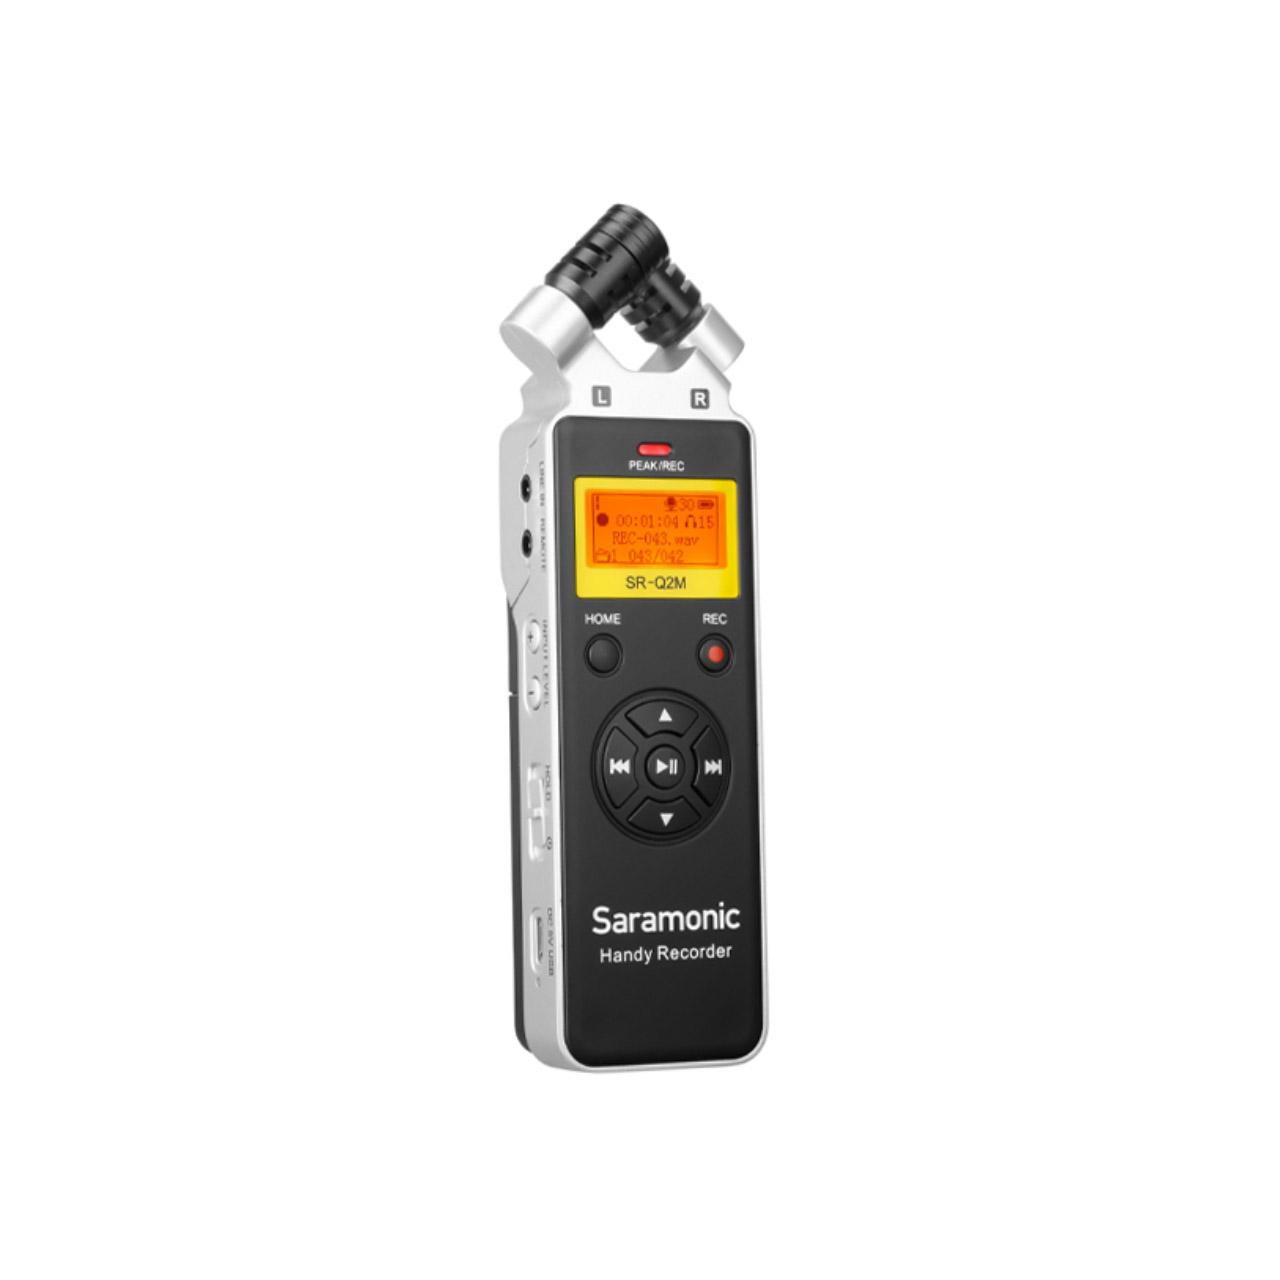 ضبط کننده حرفه ای صدا سارامونیک مدل SR-Q2M